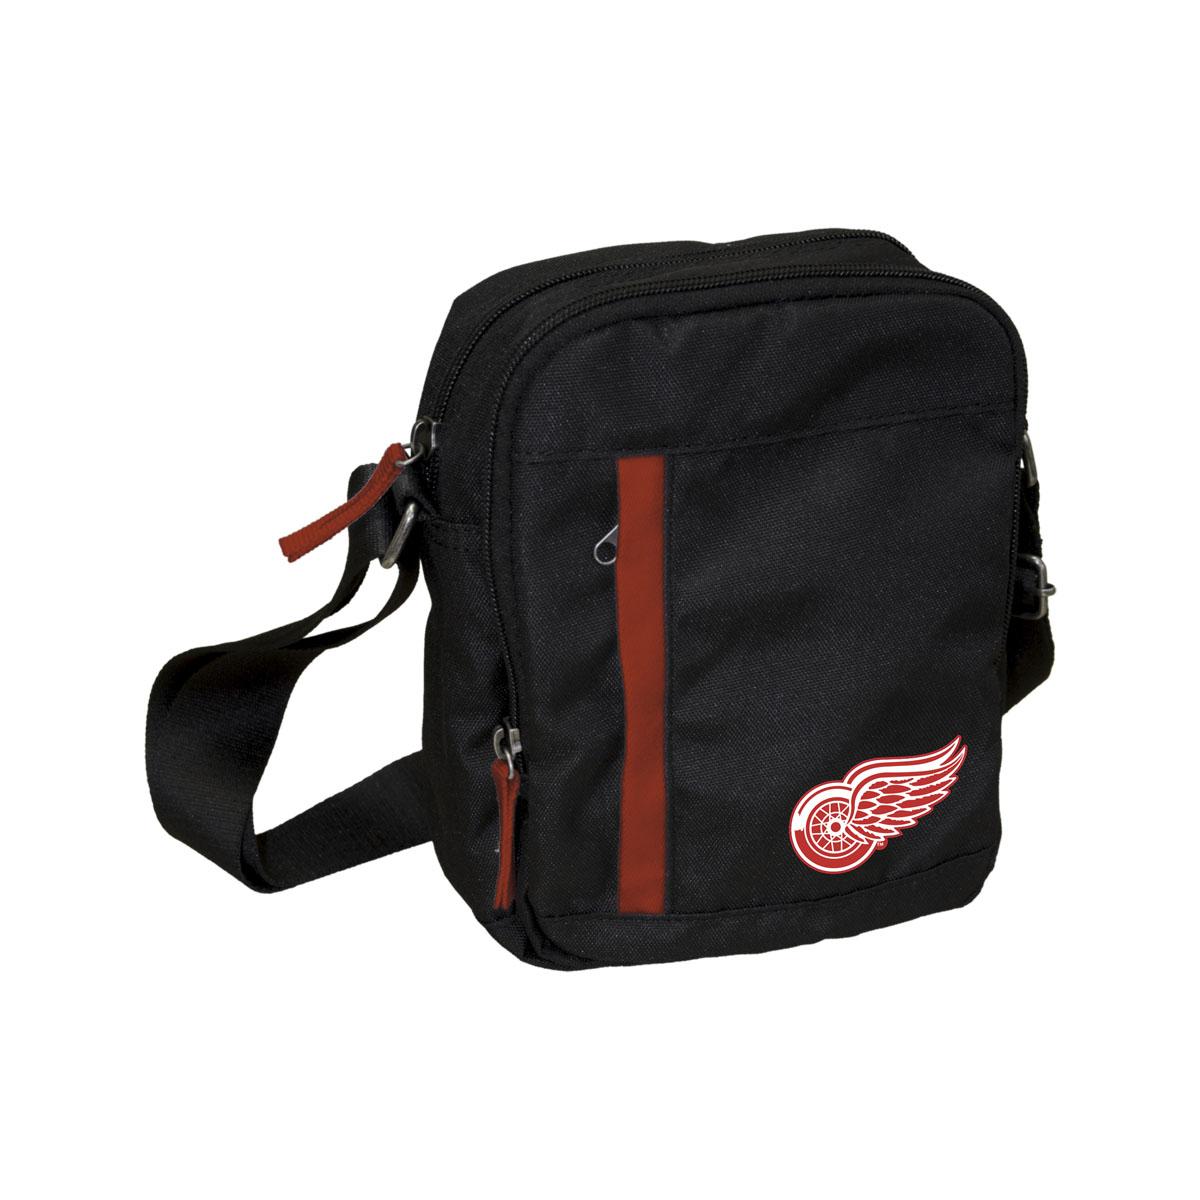 Сумка на ремне NHL Red Wings, цвет: черный, 3,5 л. 5801729058Универсальная сумка NHL Red Wings на регулируемом плечевом ремне имеет два отделения на молнии. Внешний карман на молнии отделан контрастной полосой. Основное отделение содержит четыре небольших кармана для мелочей, один из них на молнии. Сумка украшена эмблемой хоккейной команды Red Wings.